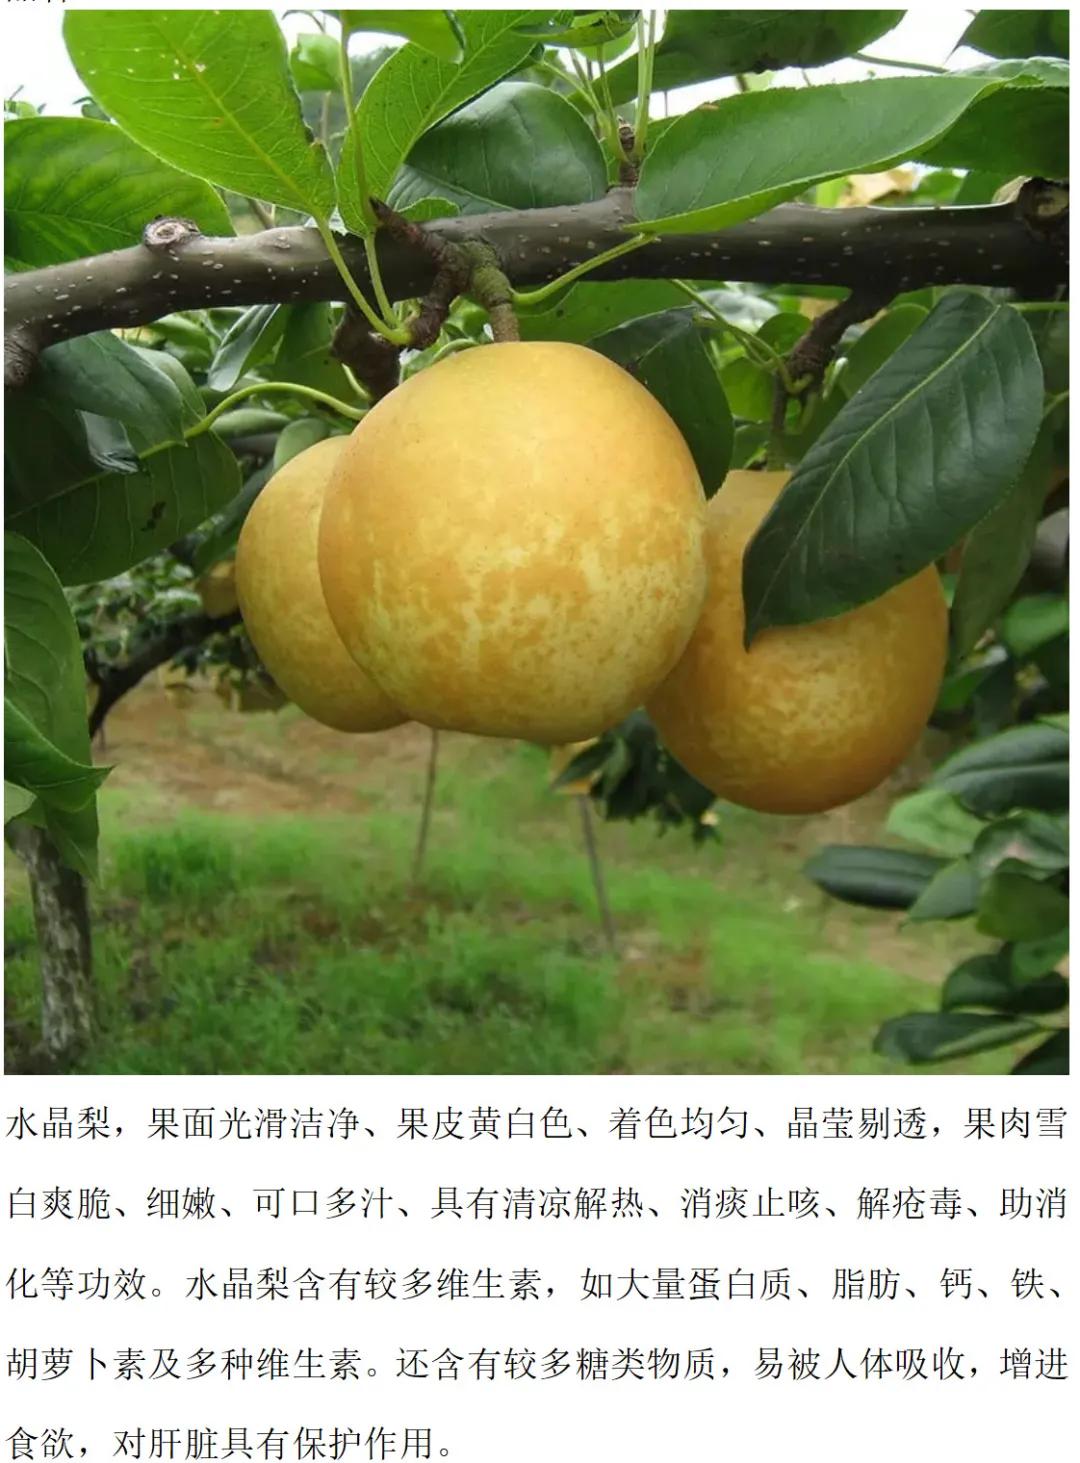 会员入驻 连州水晶梨:清甜多汁、果肉洁白